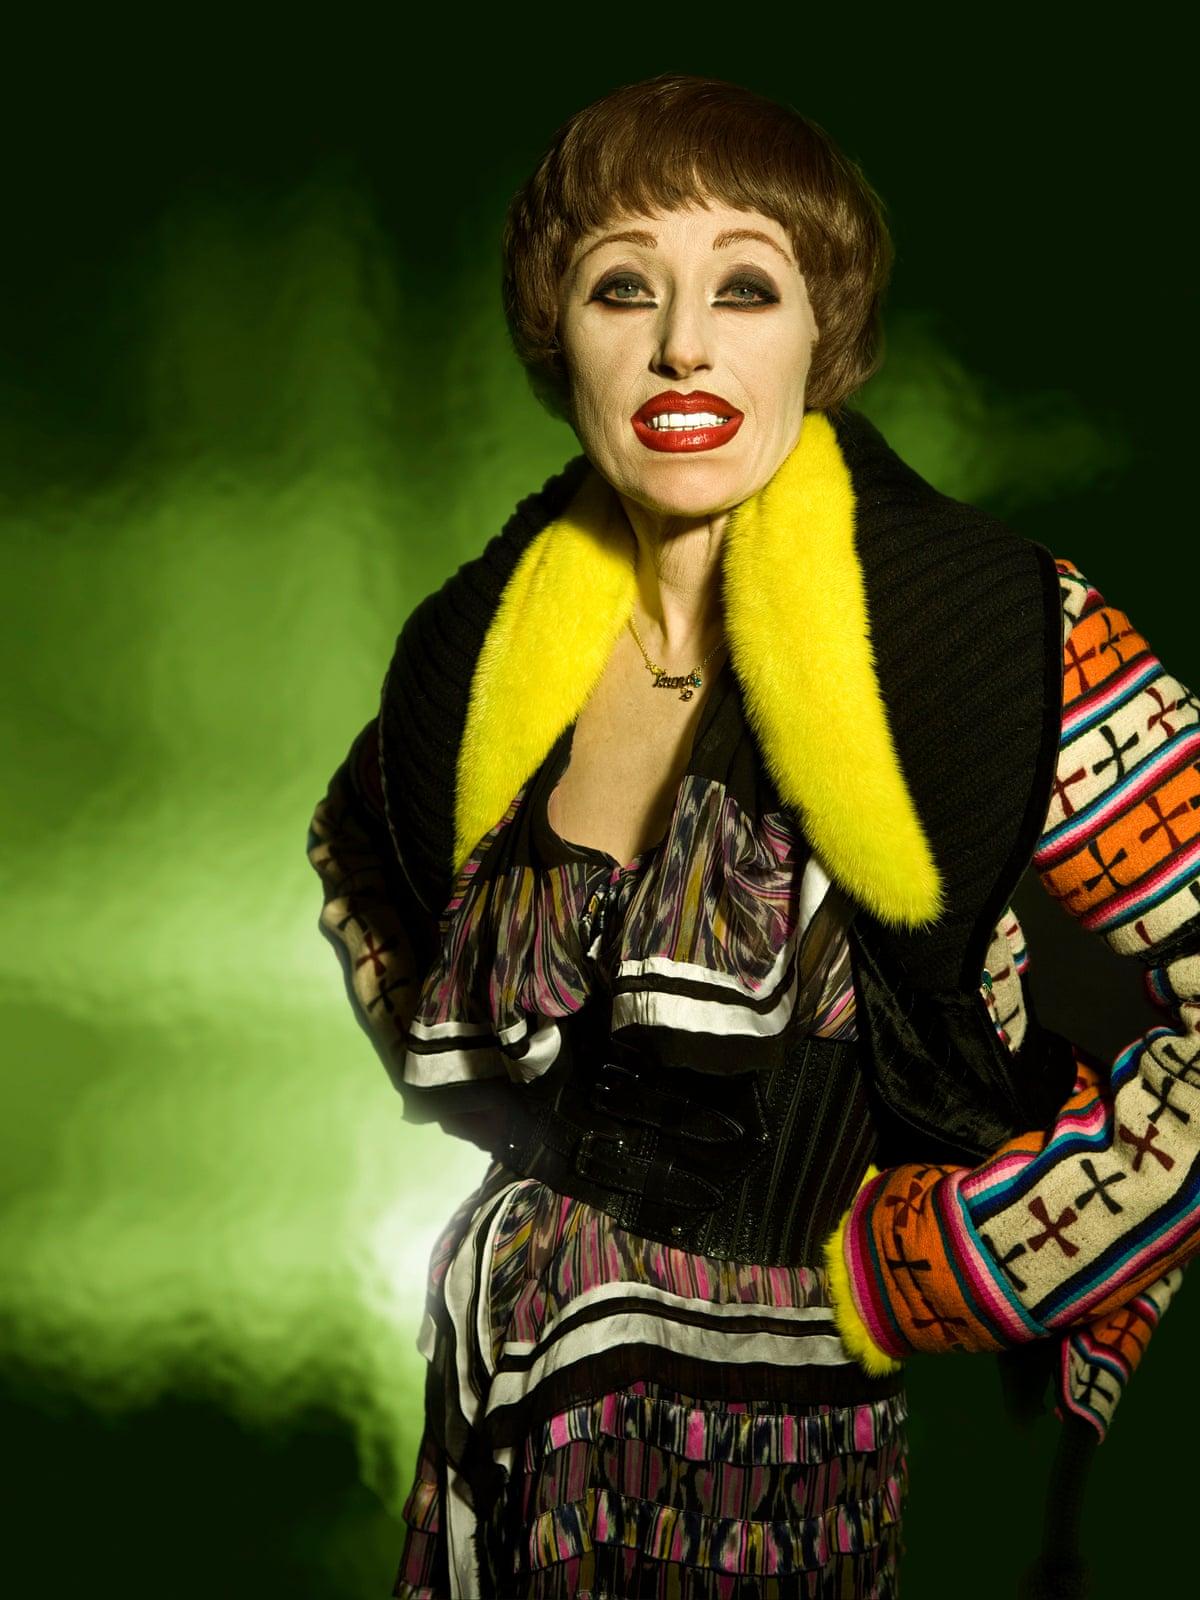 Cindy sherman dildo pics 60